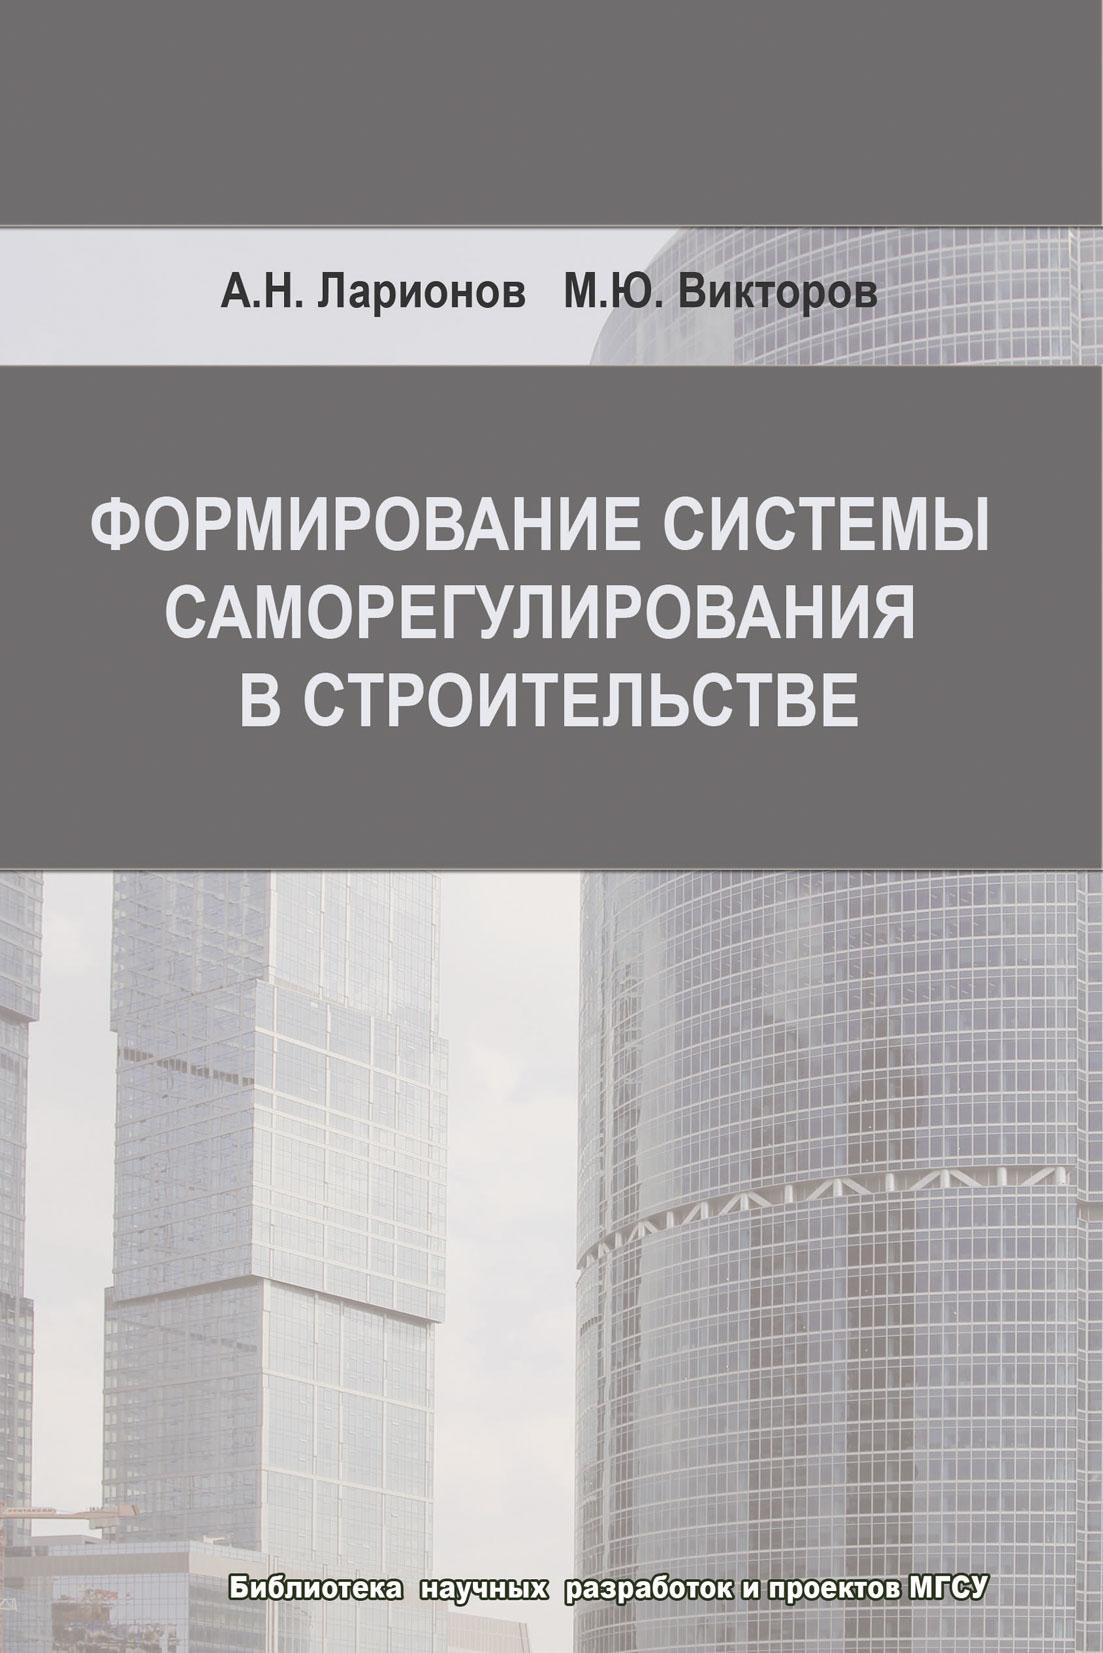 А. Н. Ларионов Формирование системы саморегулирования в строительстве